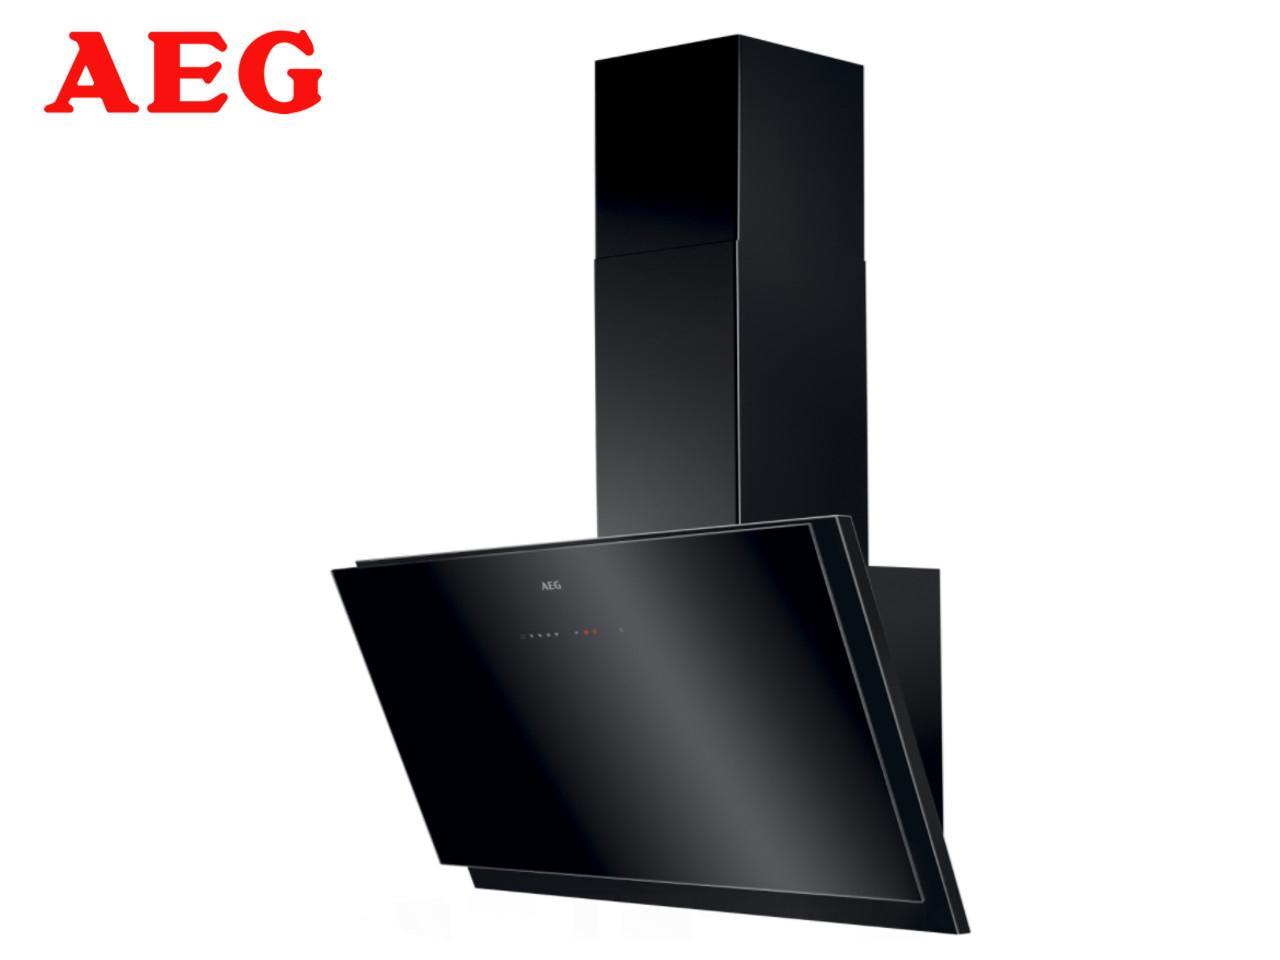 AEG DVB5960HB + 500 Kč na dárky nebo další nákup | CHAT on-line podpora PO-PÁ 8-22.00!!